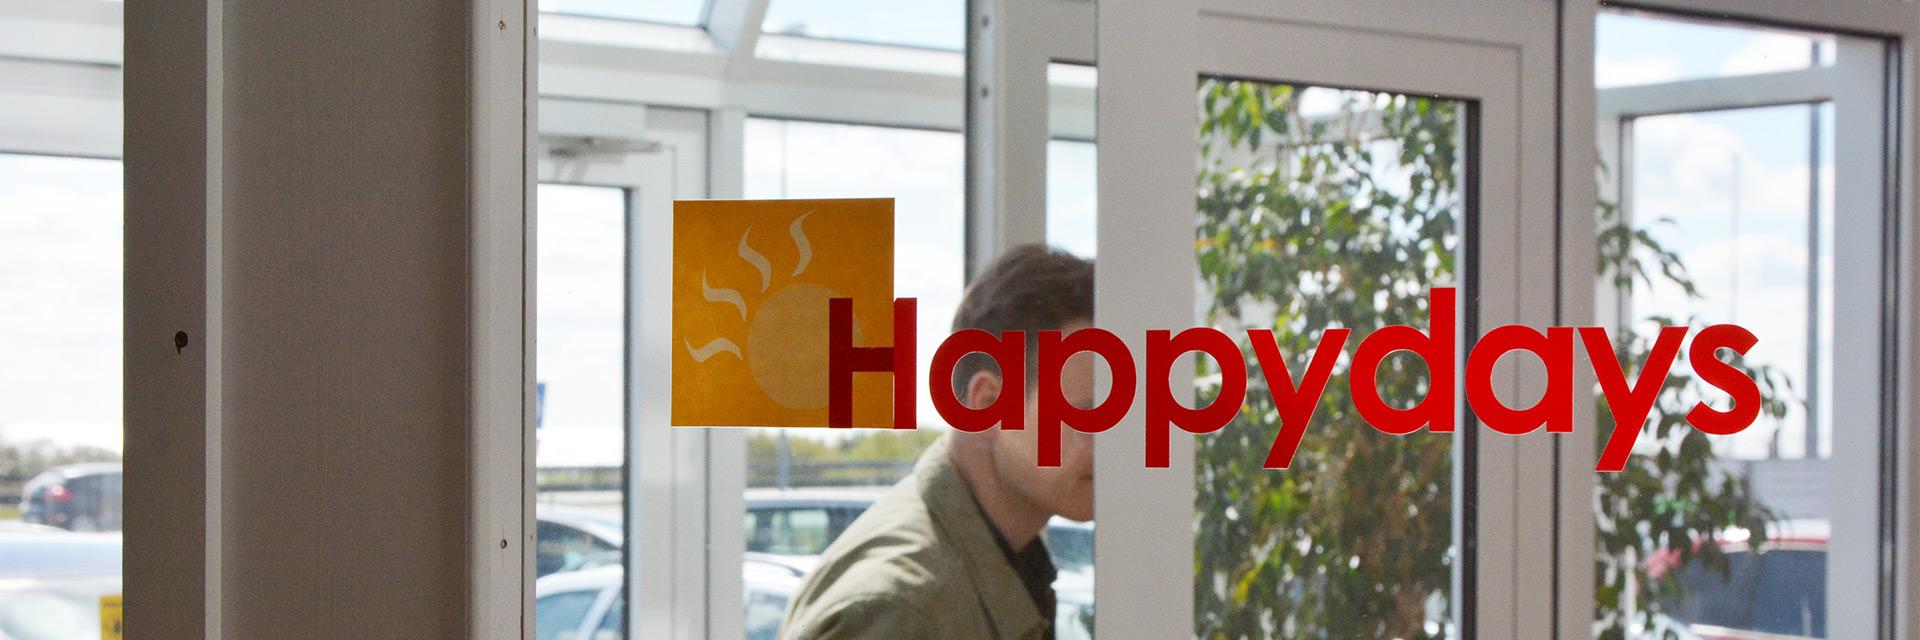 om happydays